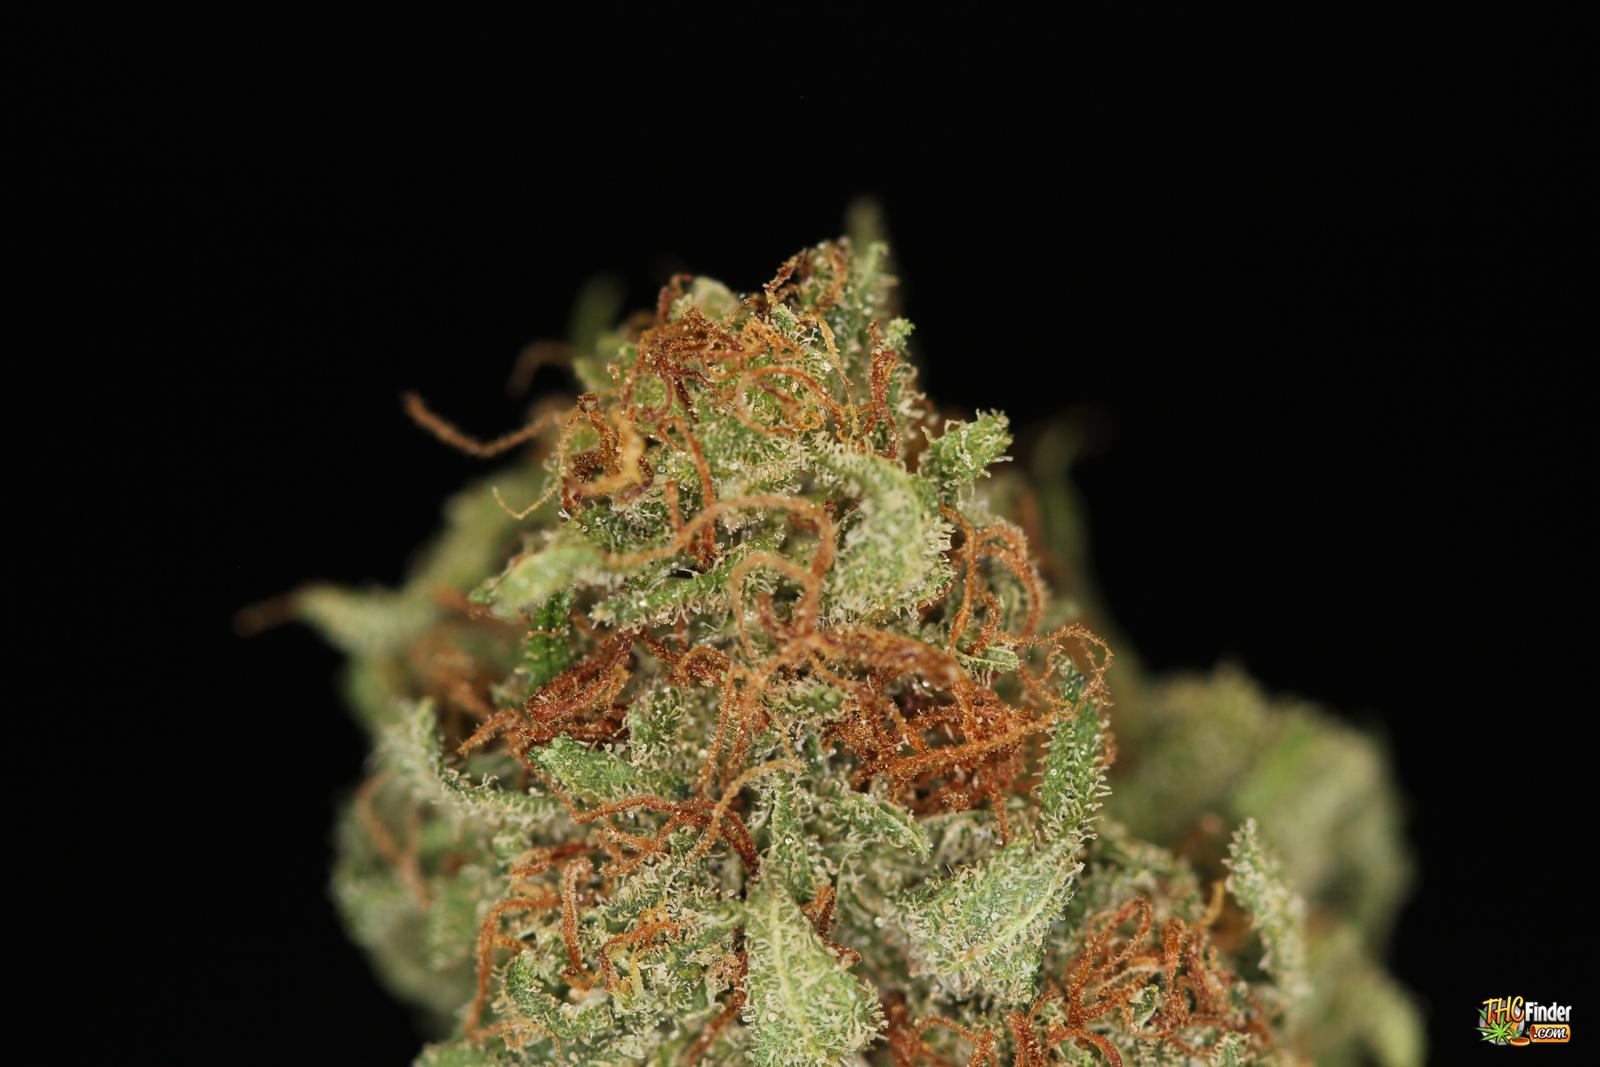 AK47 Weed | Nugs Marijuana Blog | THC Finder ...